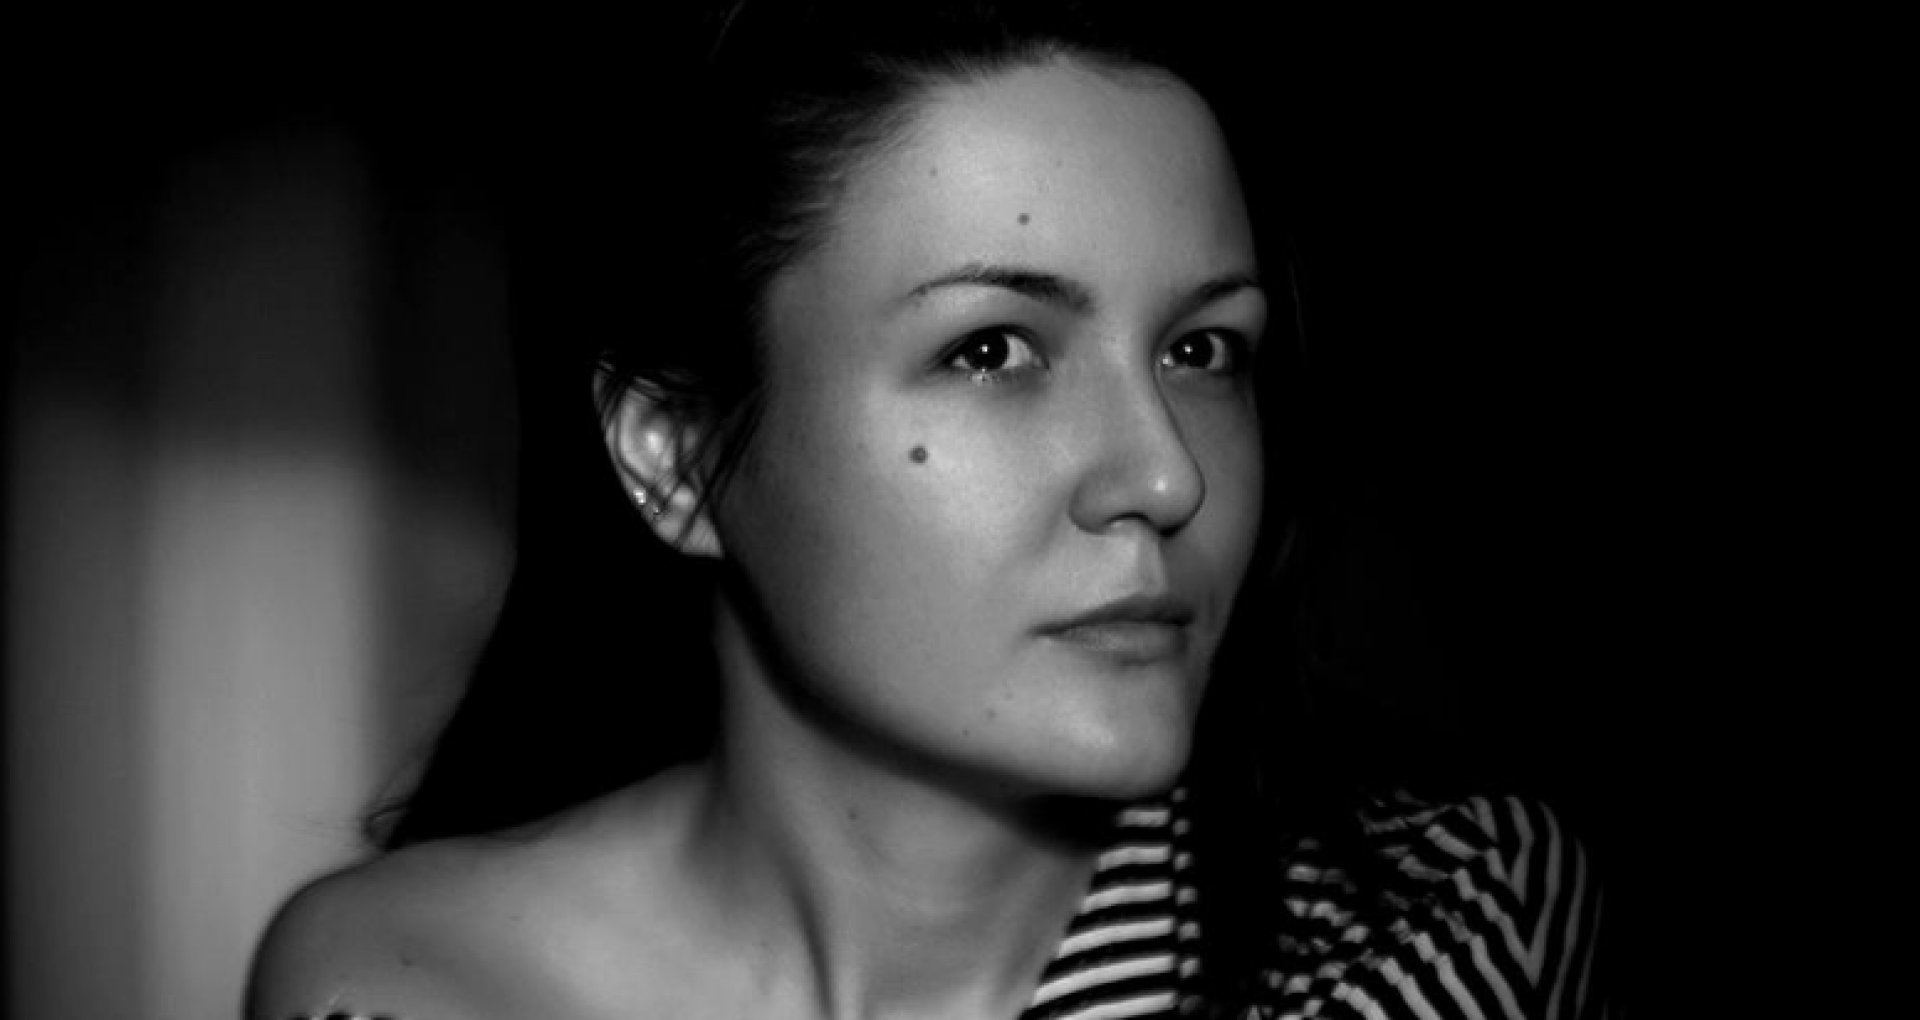 O regizoare din R. Moldova a câștigat Ursul de Aur la Berlinale pentru scurtmetraj. Olga Lucovnicova își spune propria poveste de victimă a unei agresiuni sexuale